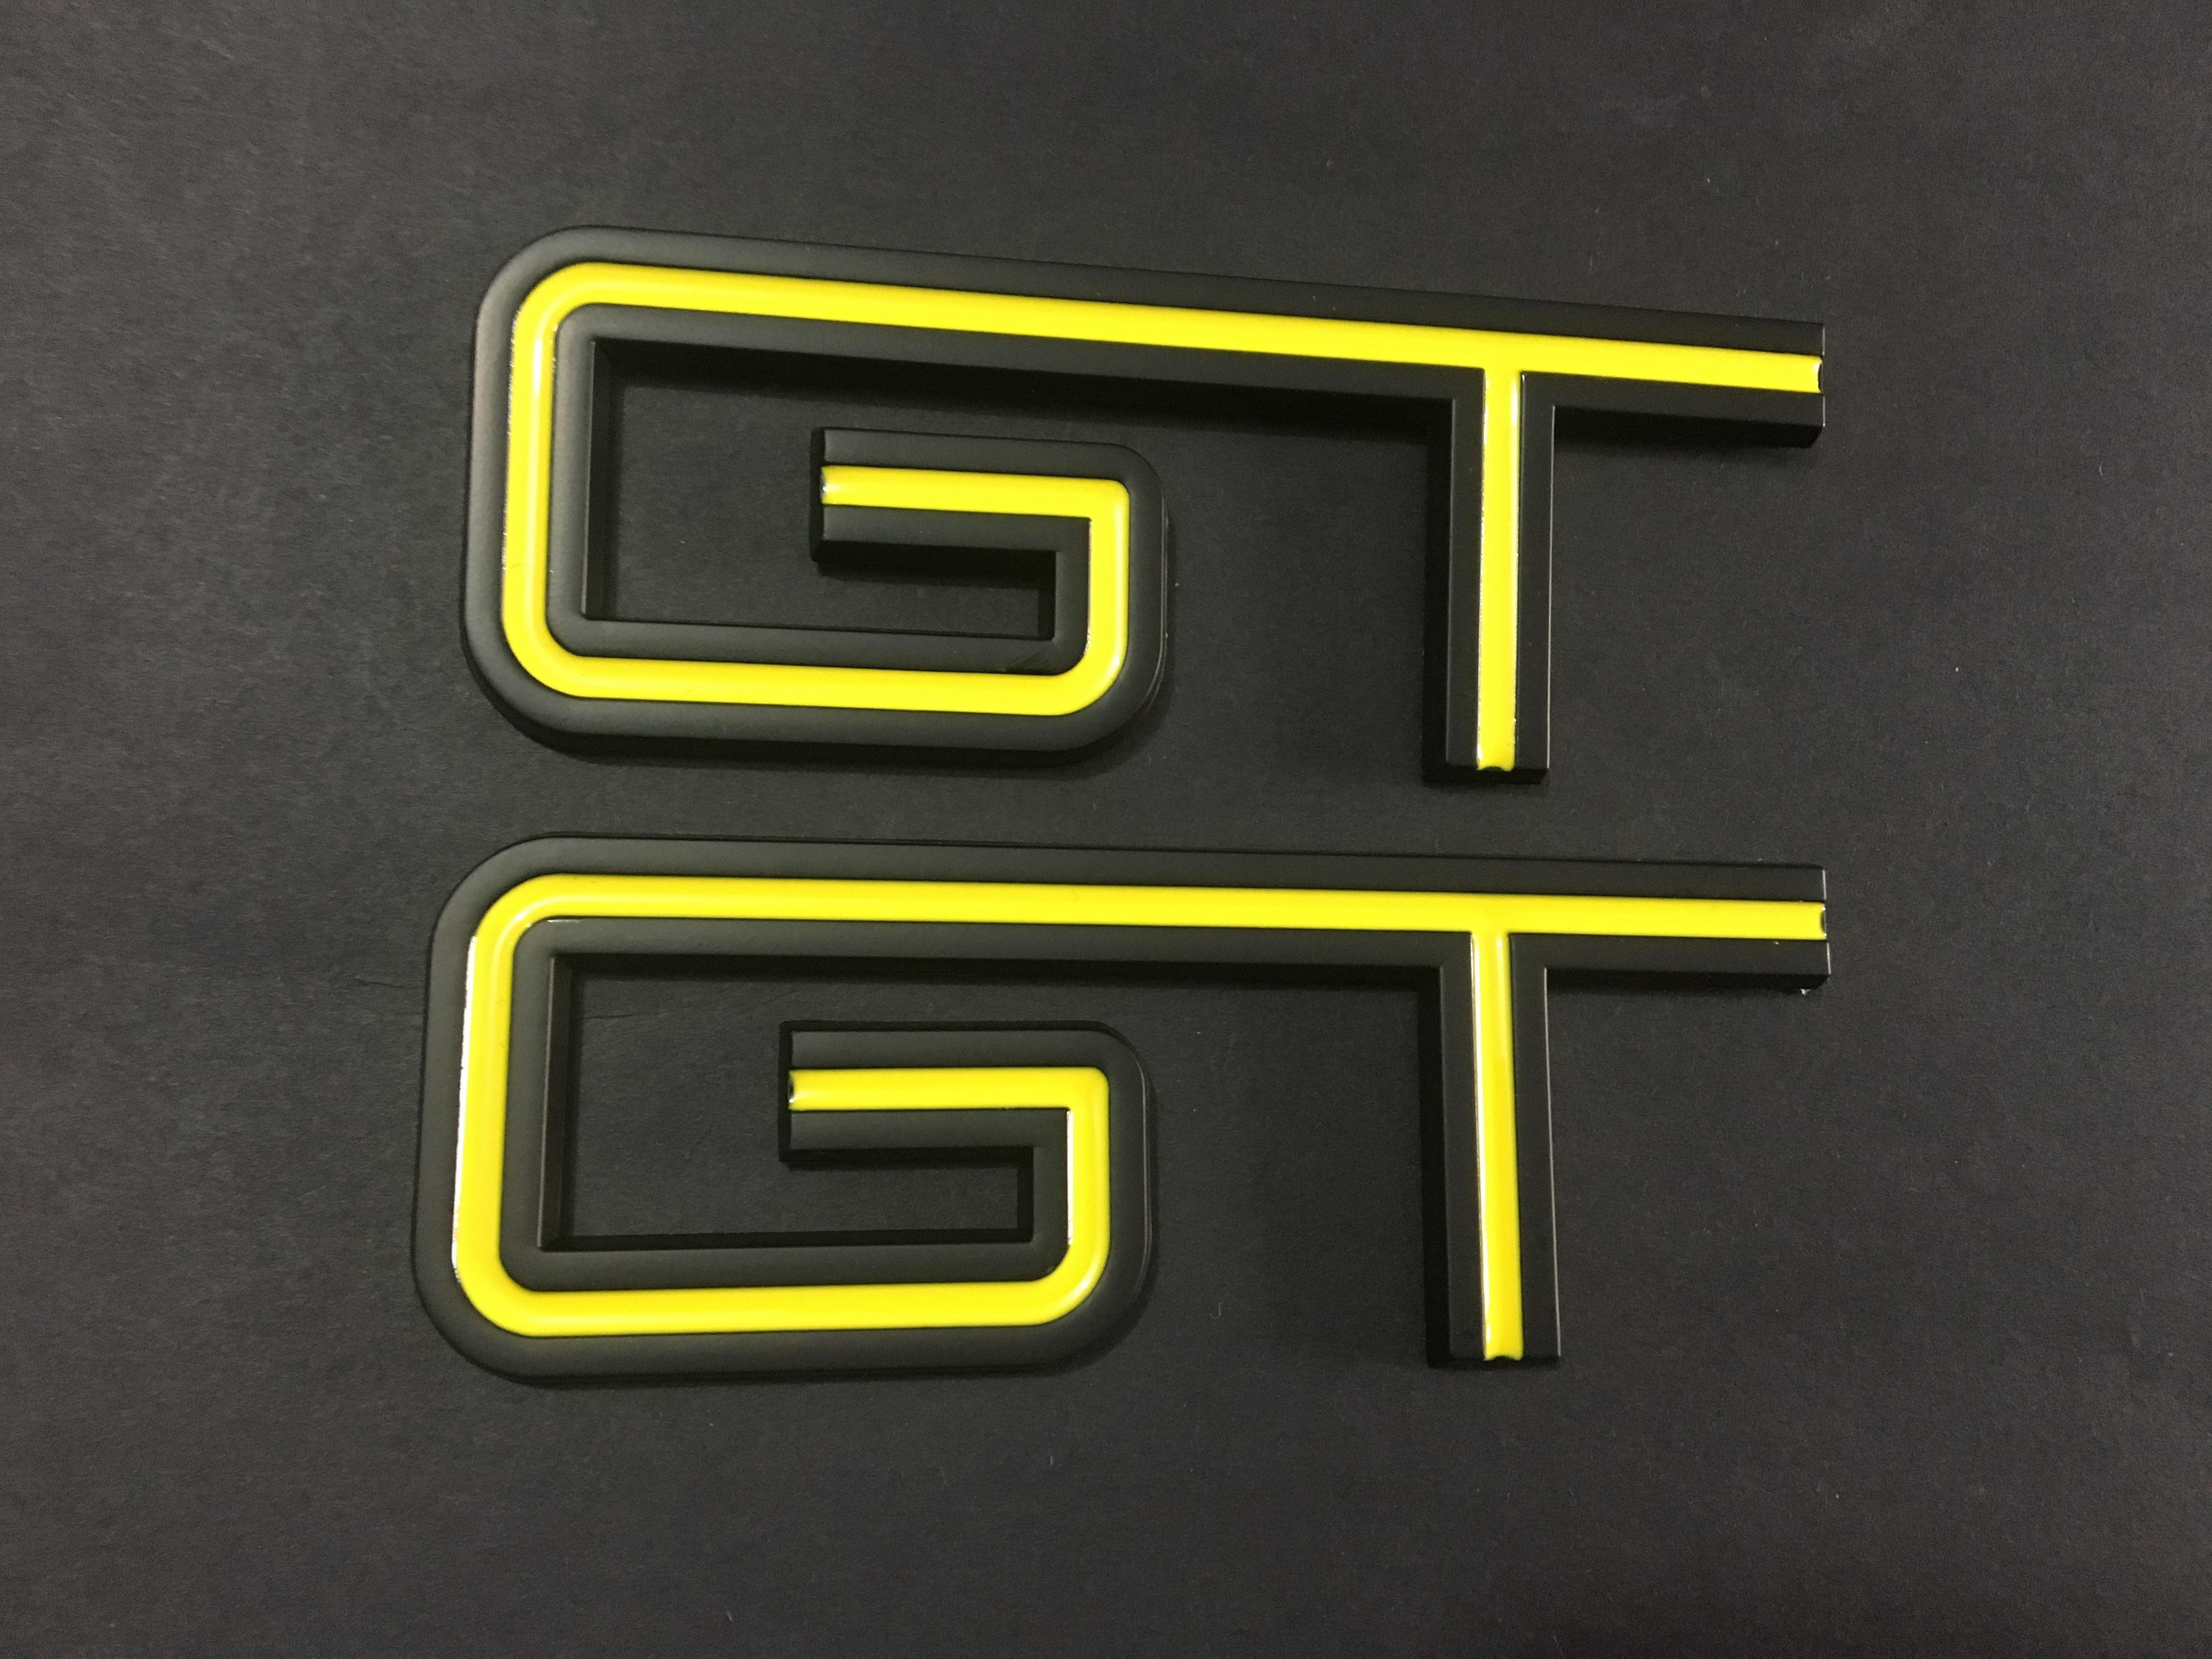 فورد موستانج جي تي شعار سيارة ملصقا أحمر أصفر أسود أزرق جانبي درابزين جذع شارة استبدال شارة